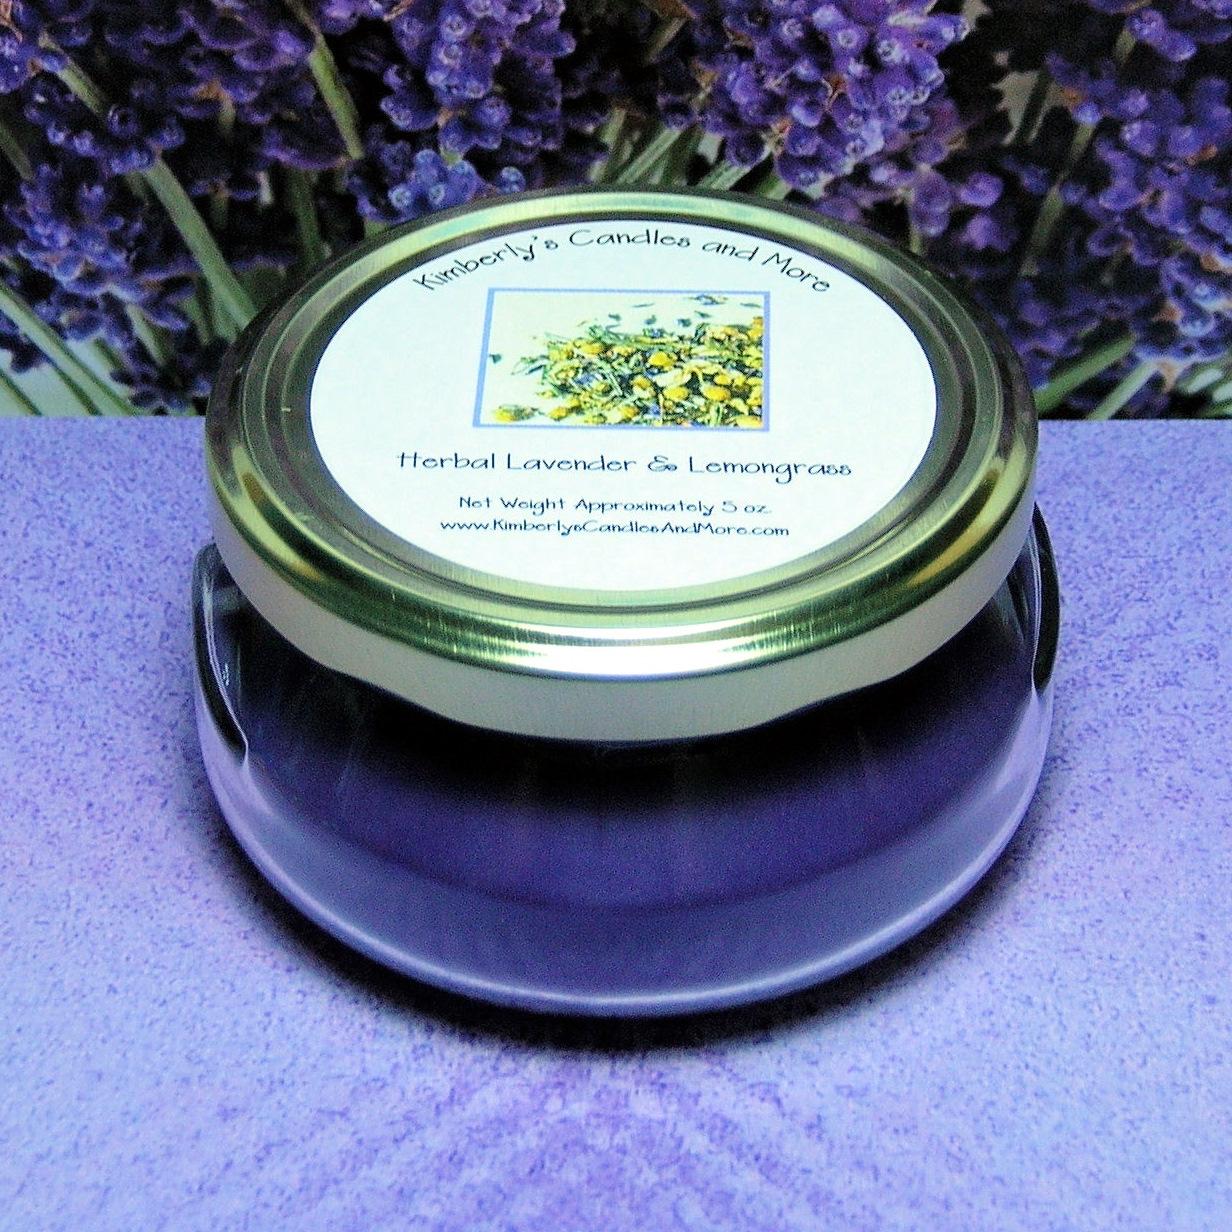 Wickless herbal lavender 1